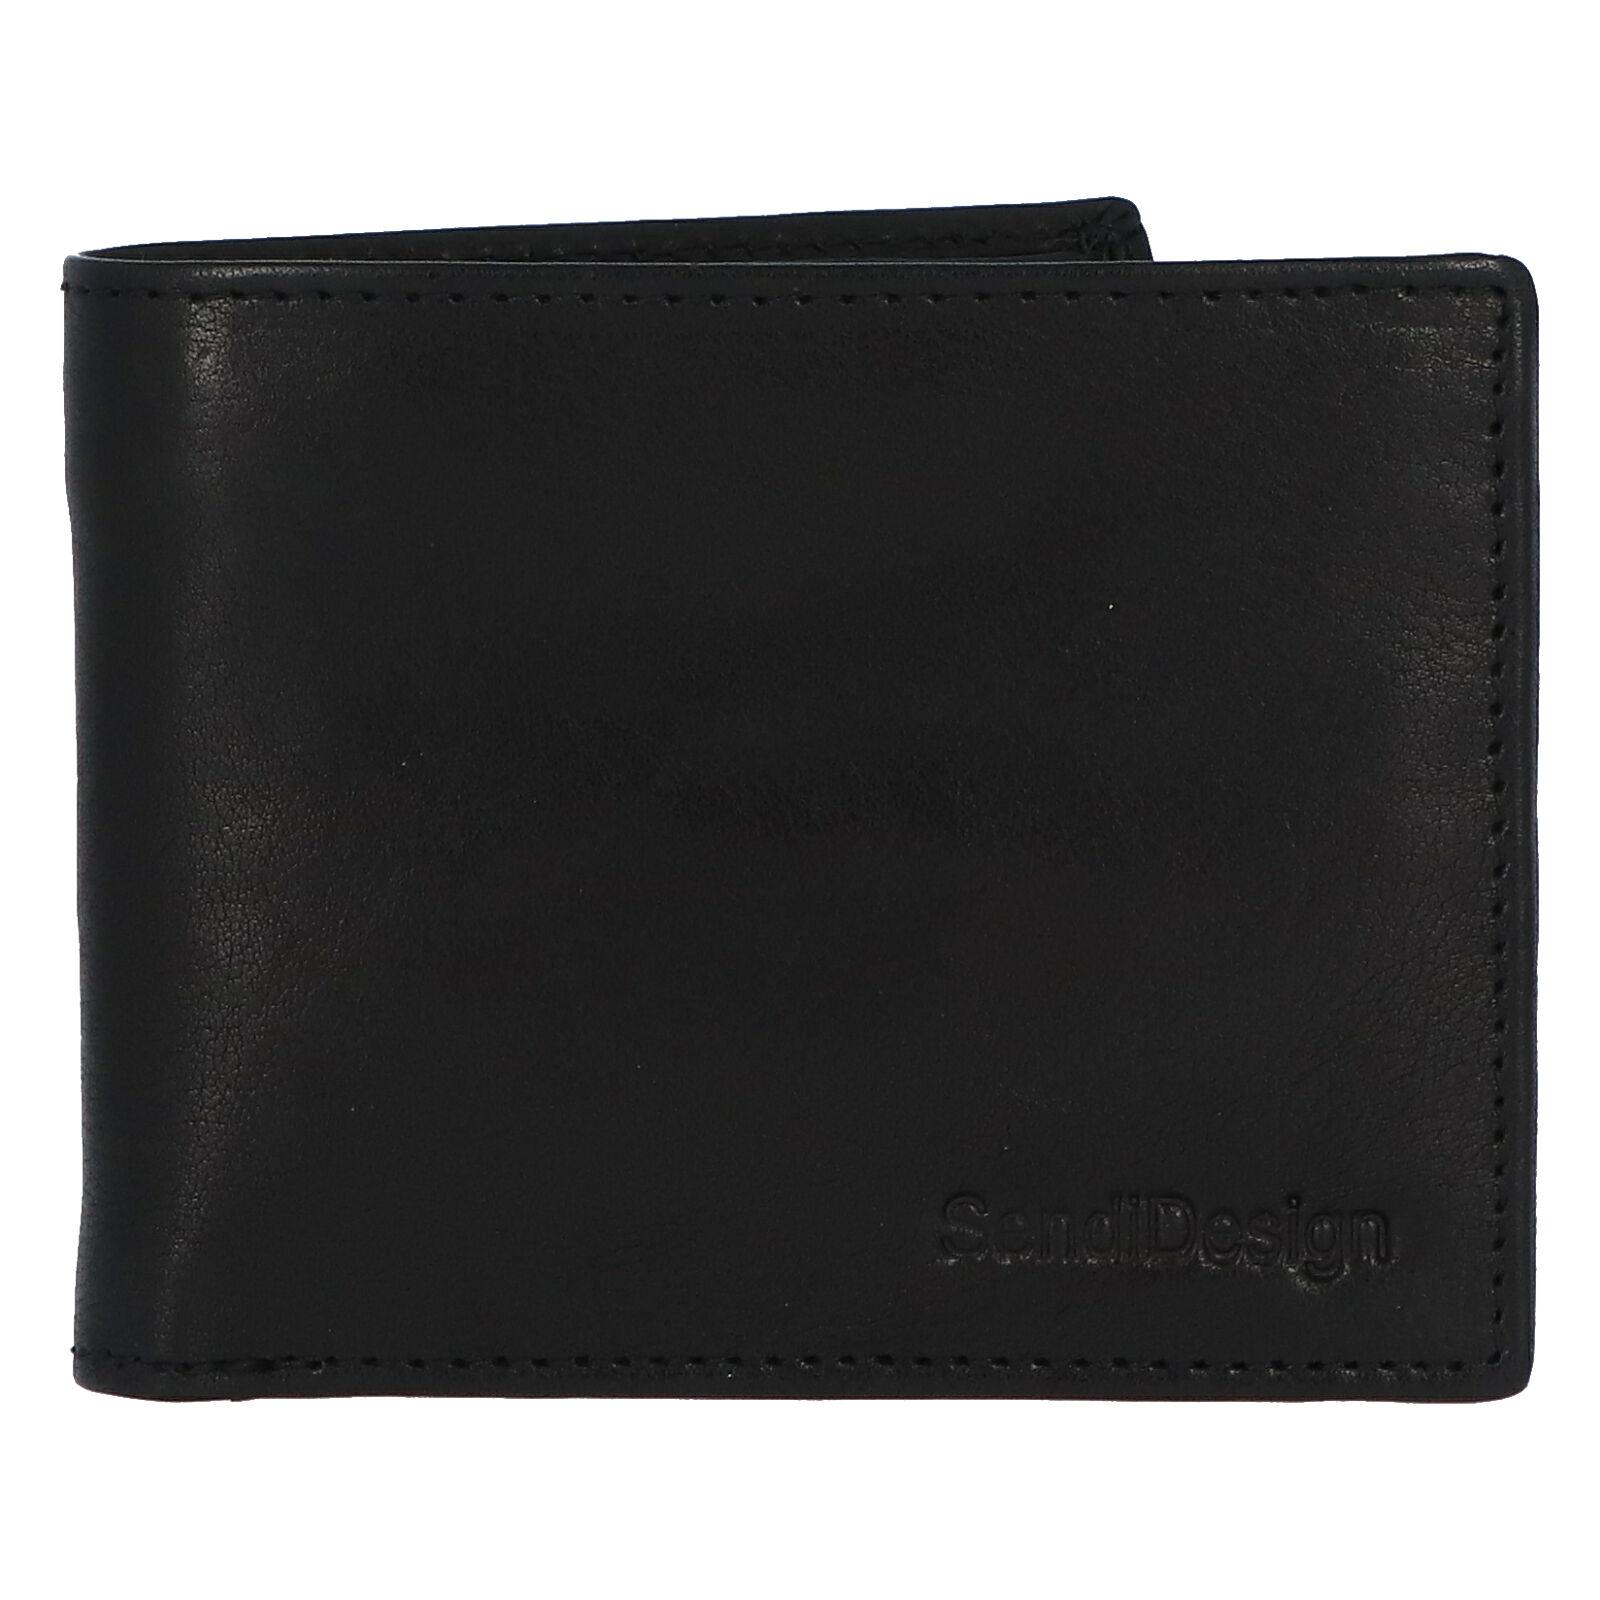 Pánská kožená peněženka černá - SendiDesign Boster